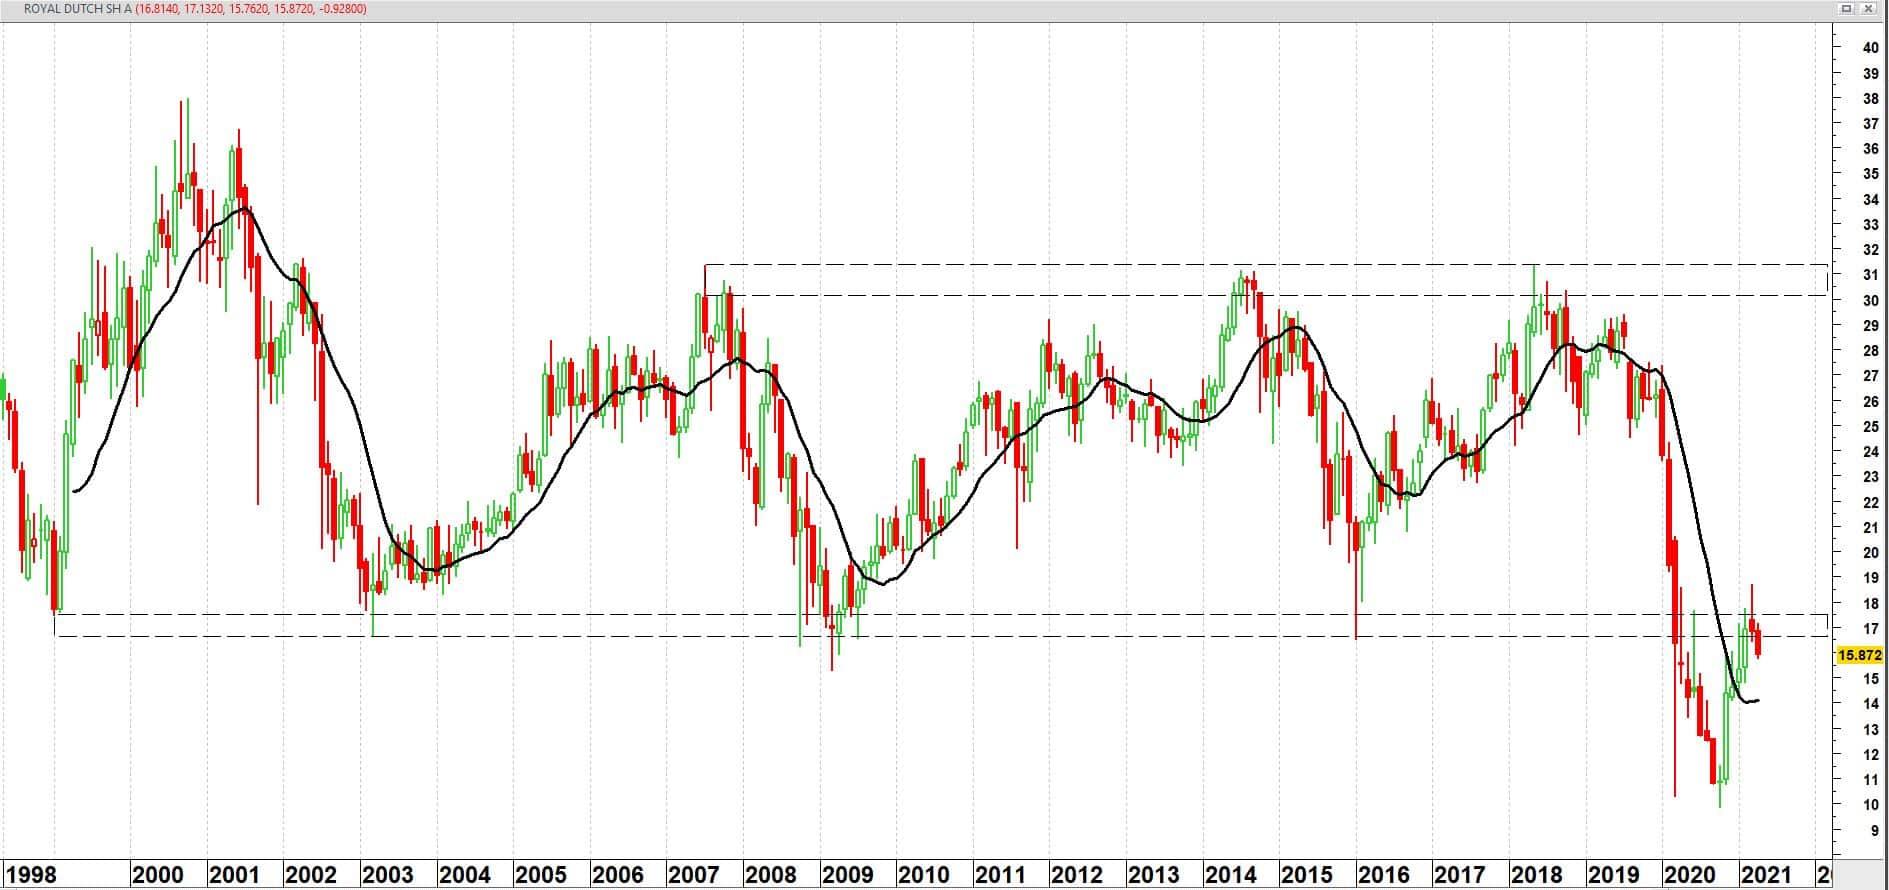 Royal Dutch Shell koers op maandbasis vanaf mei 1998 + 12 maands gemiddelde